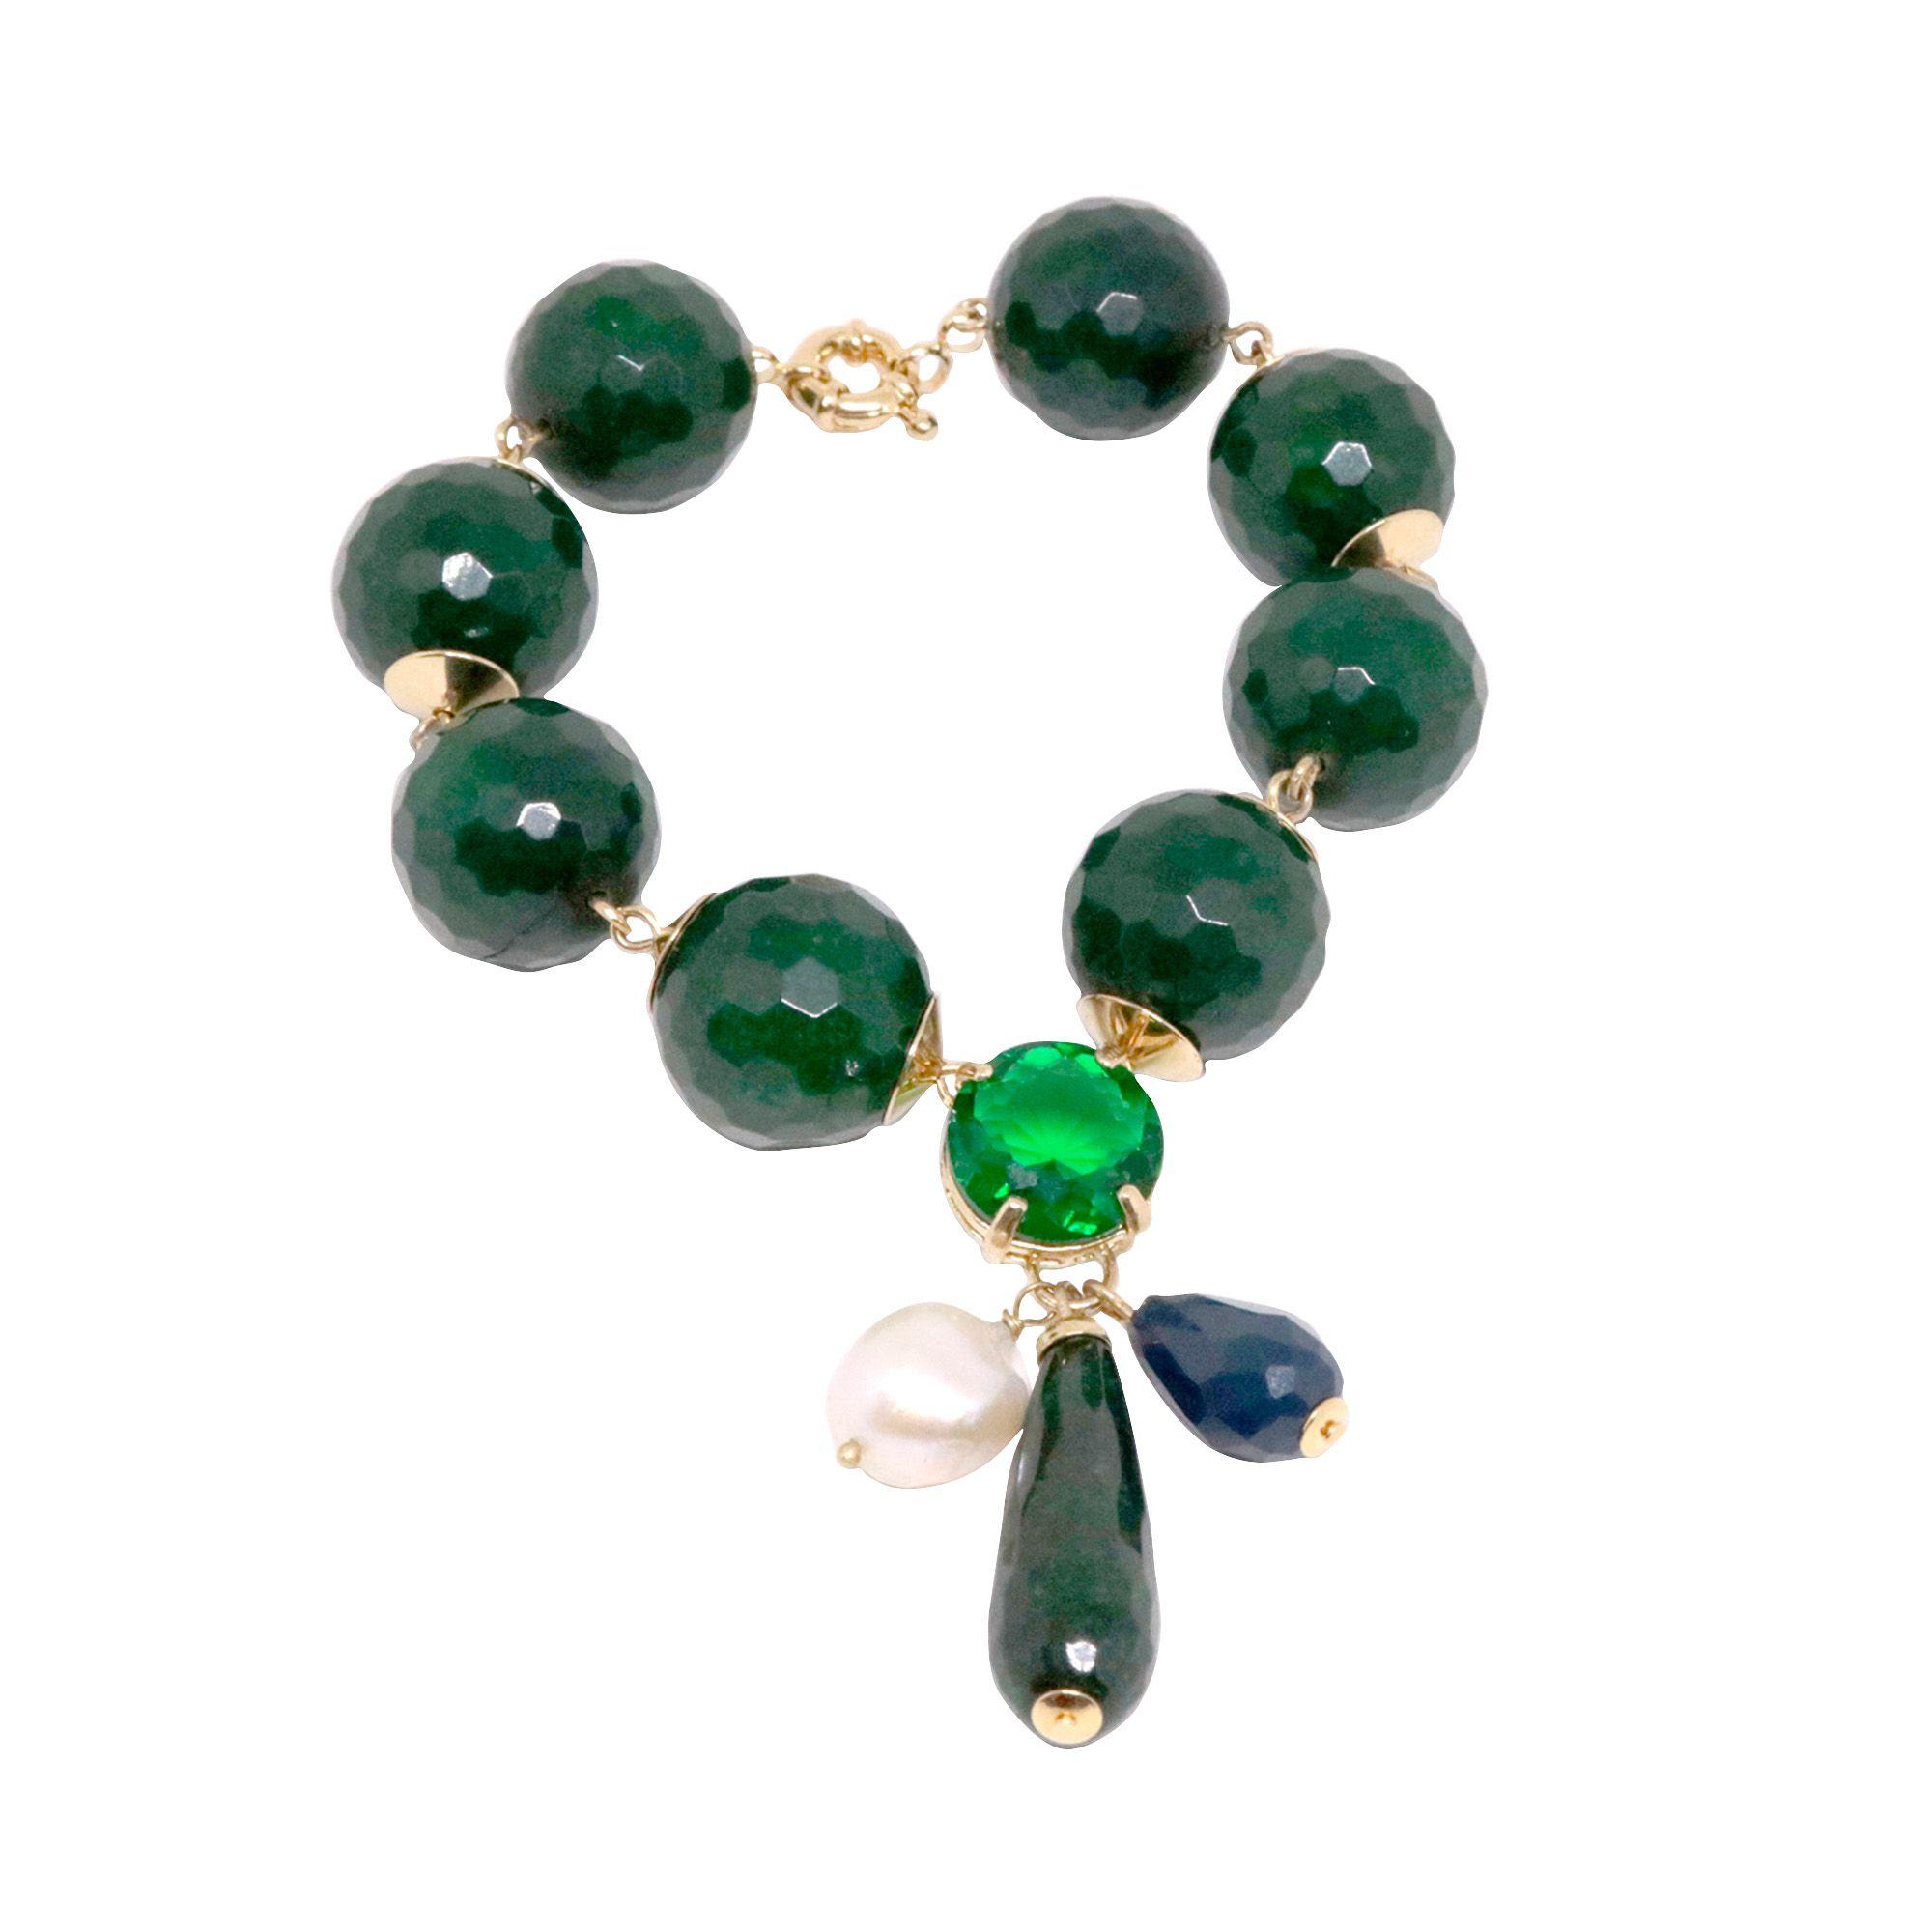 Pulseira folheada semijoia Pedra natural jade e cristal